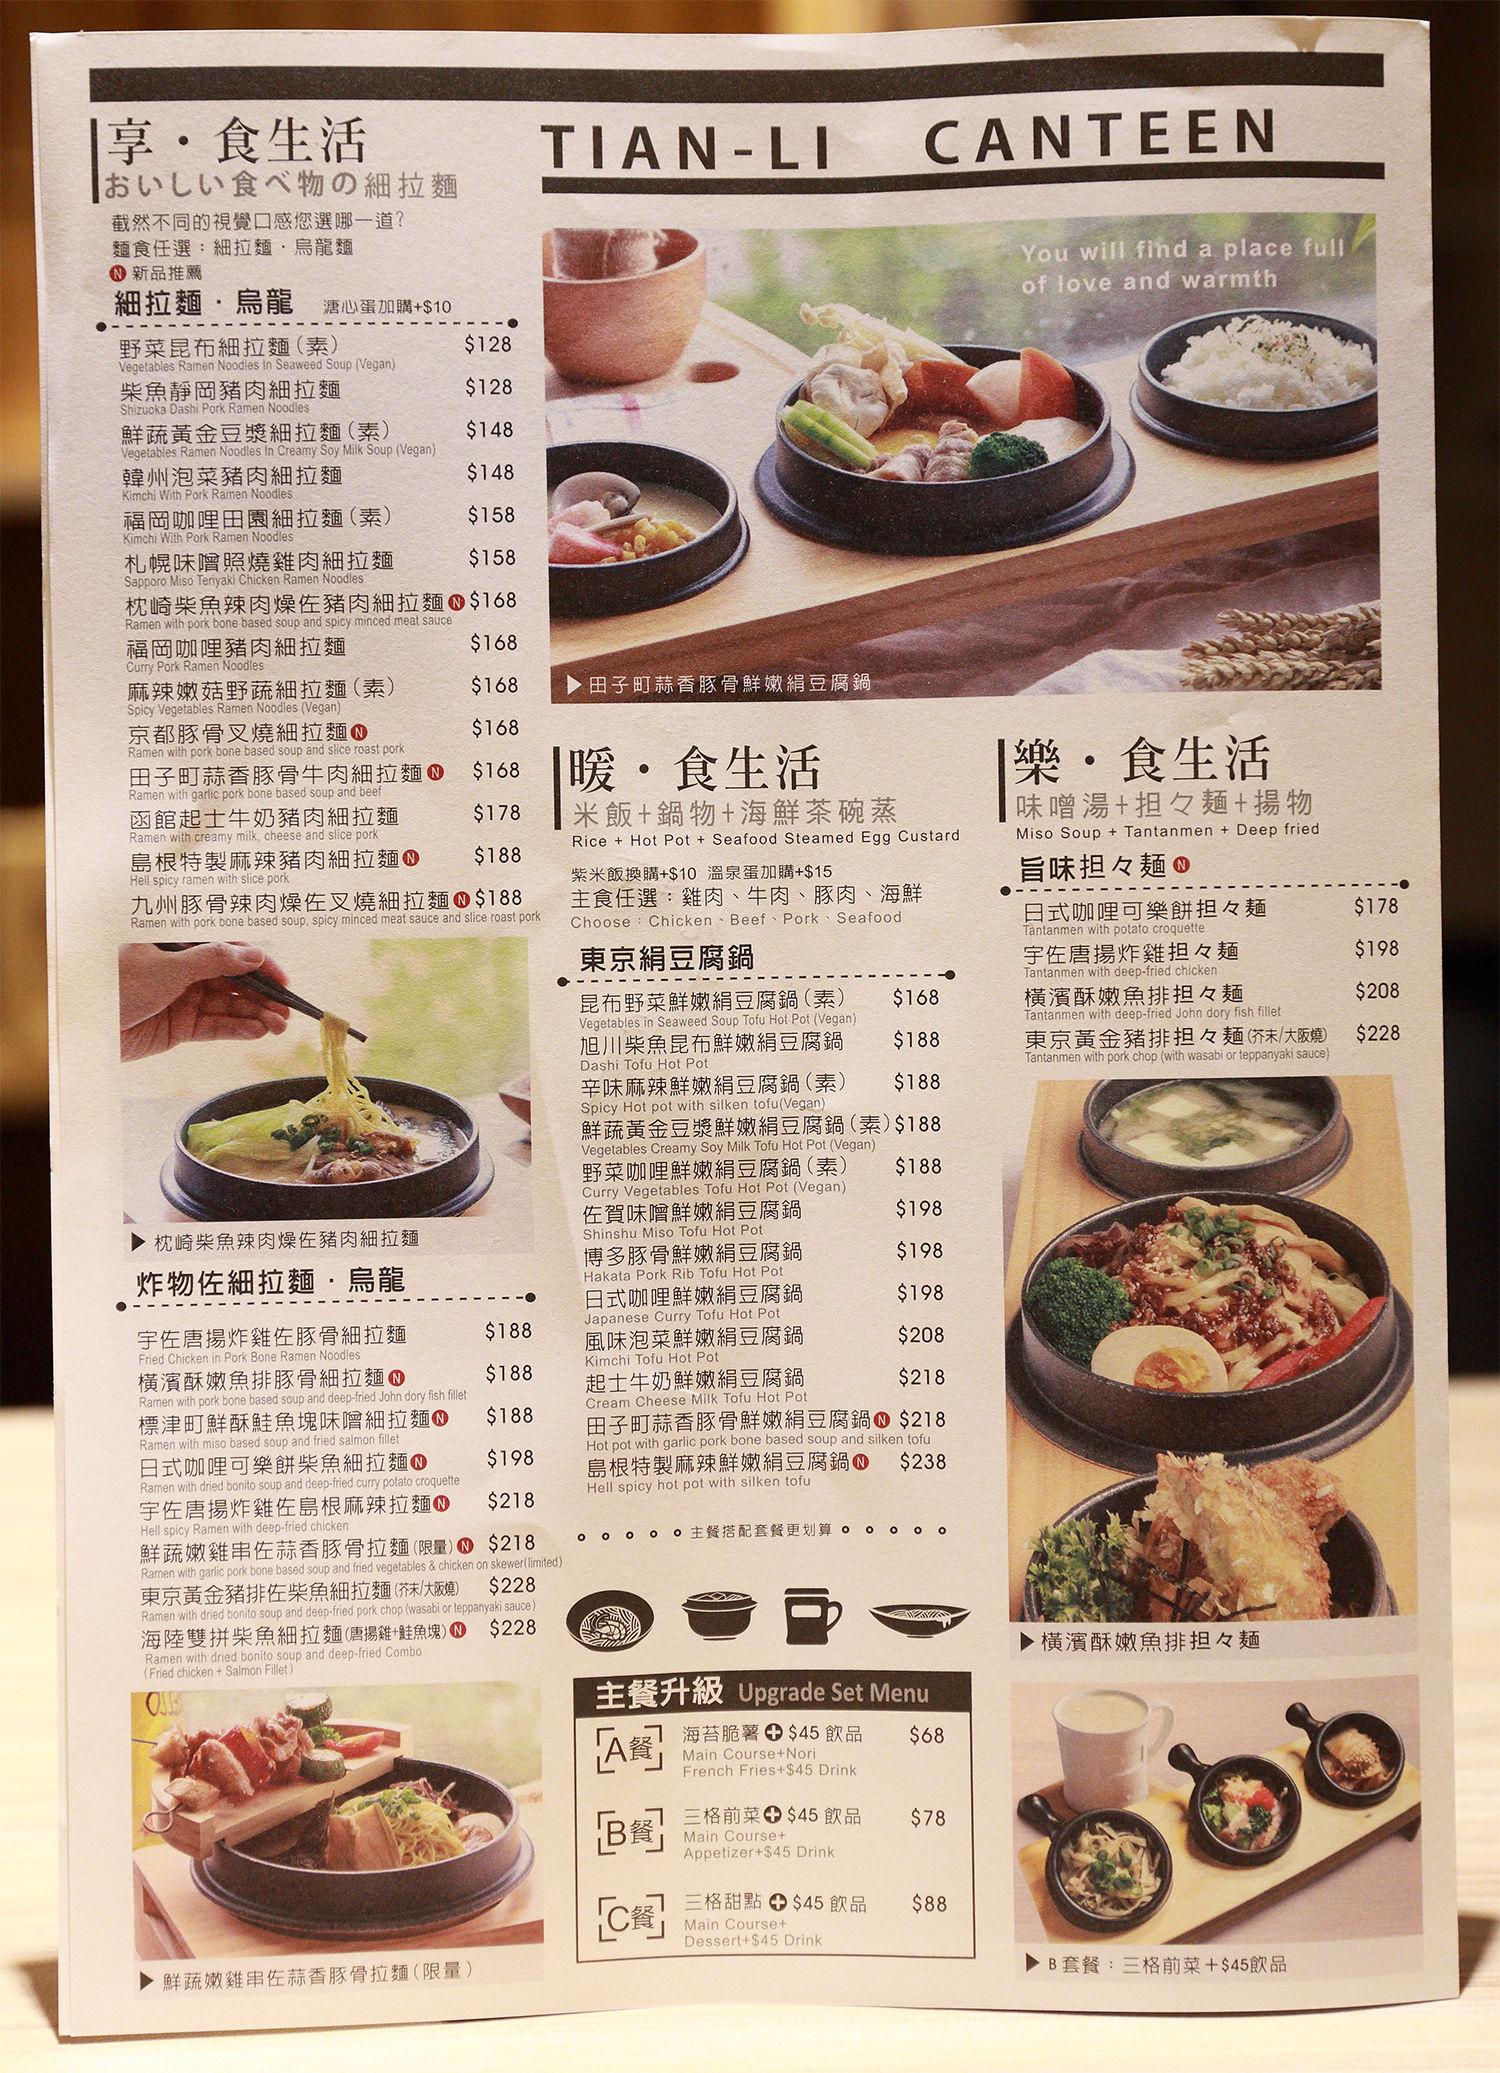 天利食堂菜單